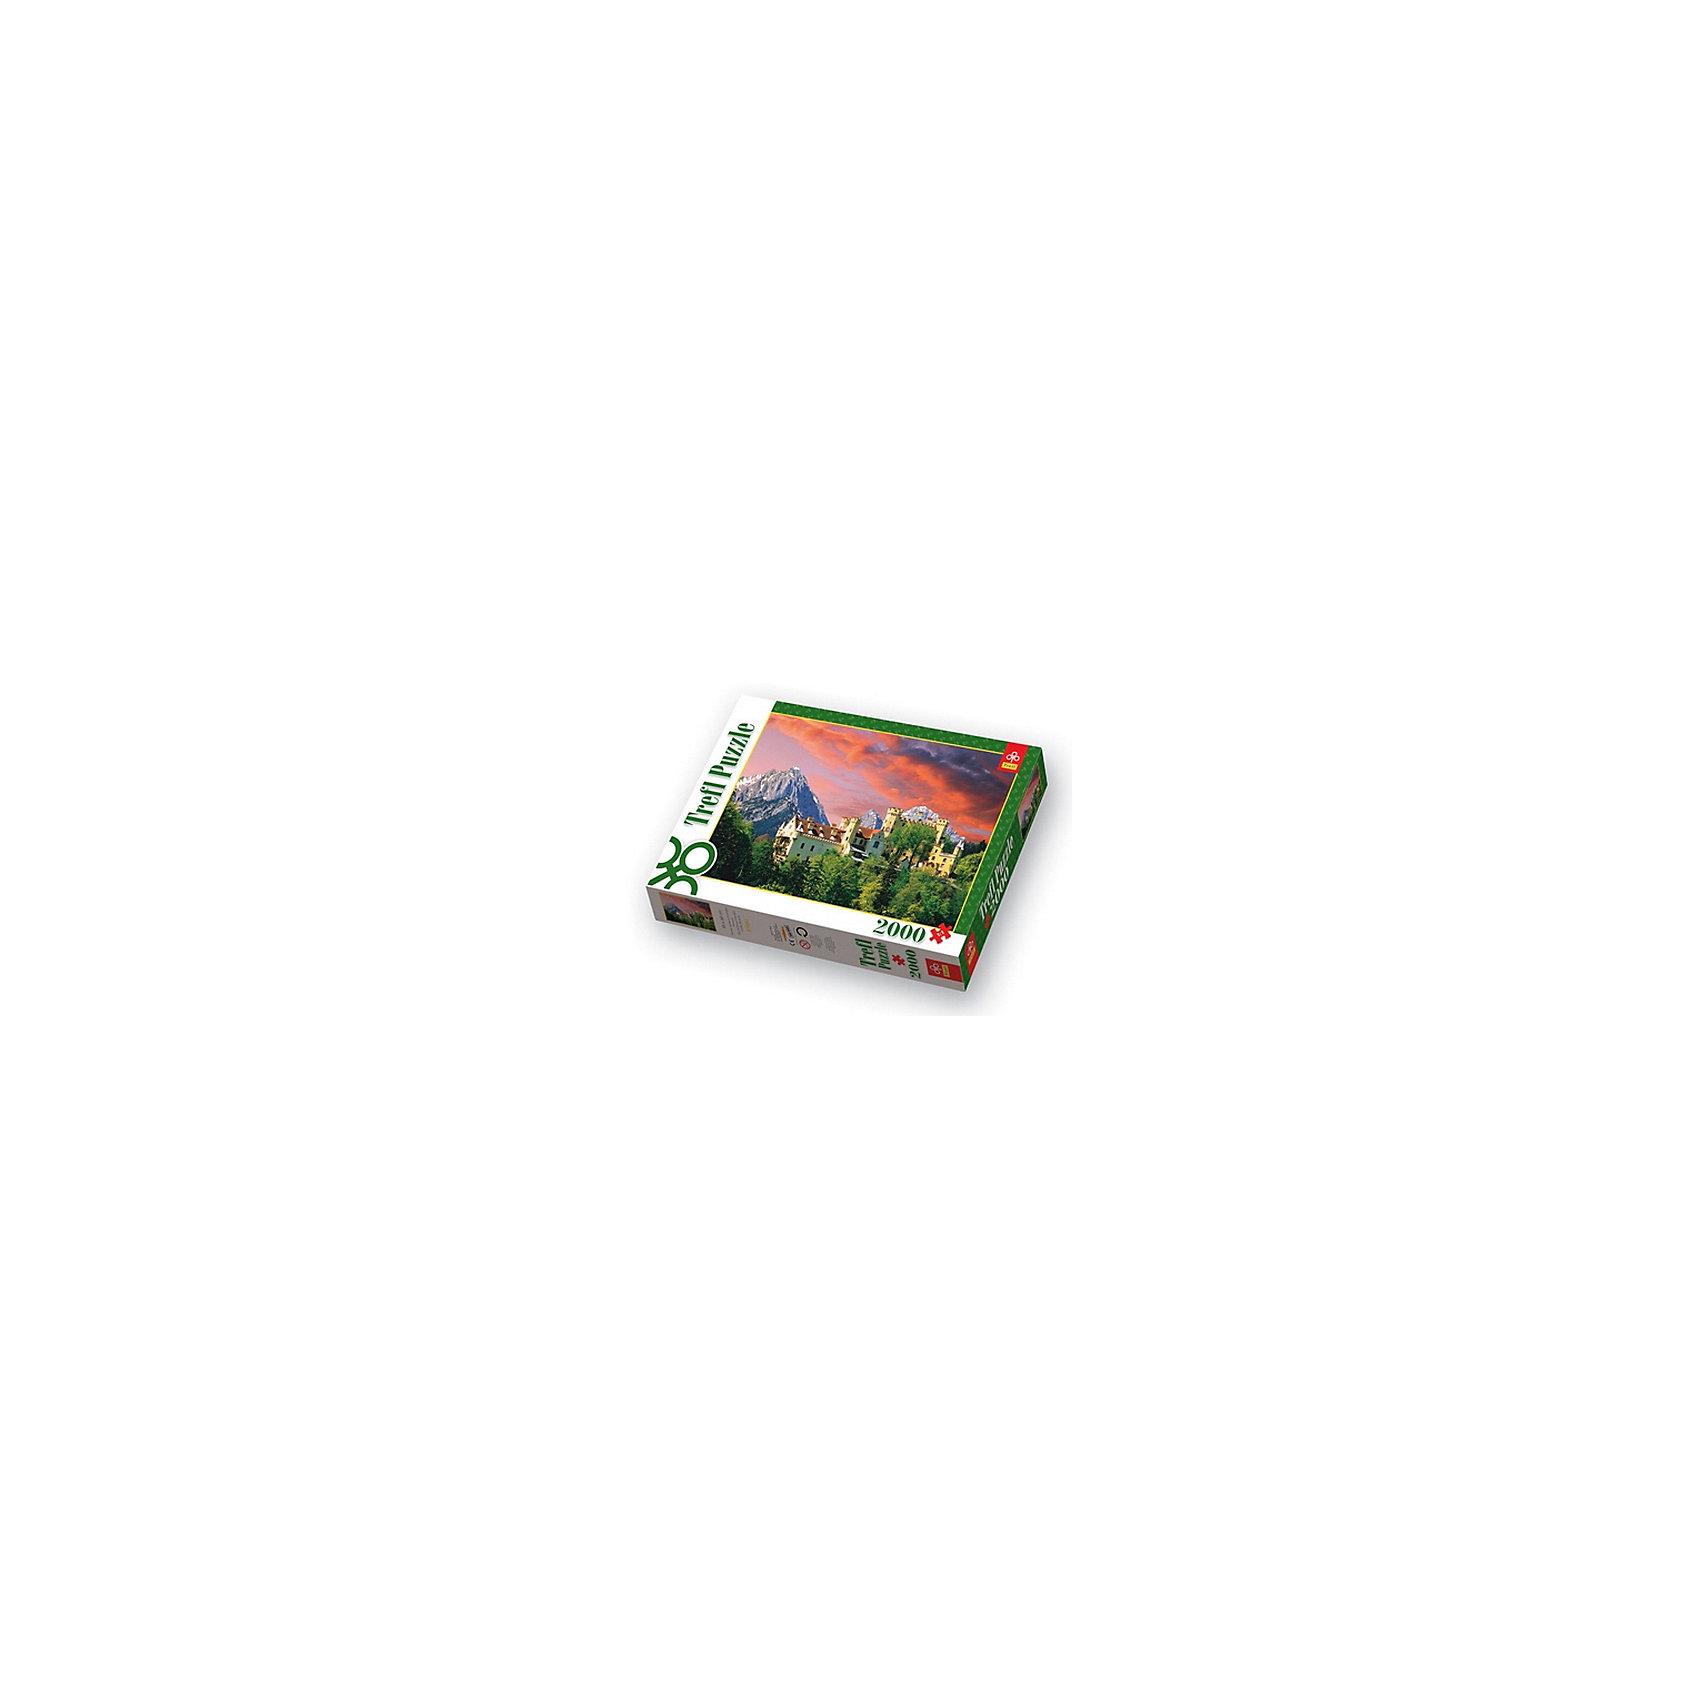 2000 дет. - Замок Гогеншвангау, БаварияПазлы для детей постарше<br>Пазл «Замок Гогеншвангау, Бавария» от Trefl станет отличным дополнением к вашему интерьеру. Удивительный пейзаж представлен в виде знаменитого замка Гоэншвангау, или, в переводе с немецкого, «Высокий лебединый край». Соберите собственными руками эту красоту, и необычная картина будет ежедневно радовать вас своим внешним видом. Набор состоит из 2 тысяч маленьких деталей. Вам предстоит сложная работа, ведь найти нужный элемент в данном случае, это как найти иголку в стоге сена. Отсюда и азарт, так как справиться с поставленной задачей сможет далеко не каждый. Запасайтесь терпением и спешите ломать голову над увлекательной игрой! Пазл поможет развить память, мелкую моторику и логику. Собирать его можно как в кругу семьи, так и среди просто хорошой компании. А если это произведение вы соберете самостоятельно, вы станете настоящим профессионалом!<br><br>Ширина мм: 401<br>Глубина мм: 270<br>Высота мм: 60<br>Вес г: 1210<br>Возраст от месяцев: 168<br>Возраст до месяцев: 2147483647<br>Пол: Унисекс<br>Возраст: Детский<br>SKU: 7126426